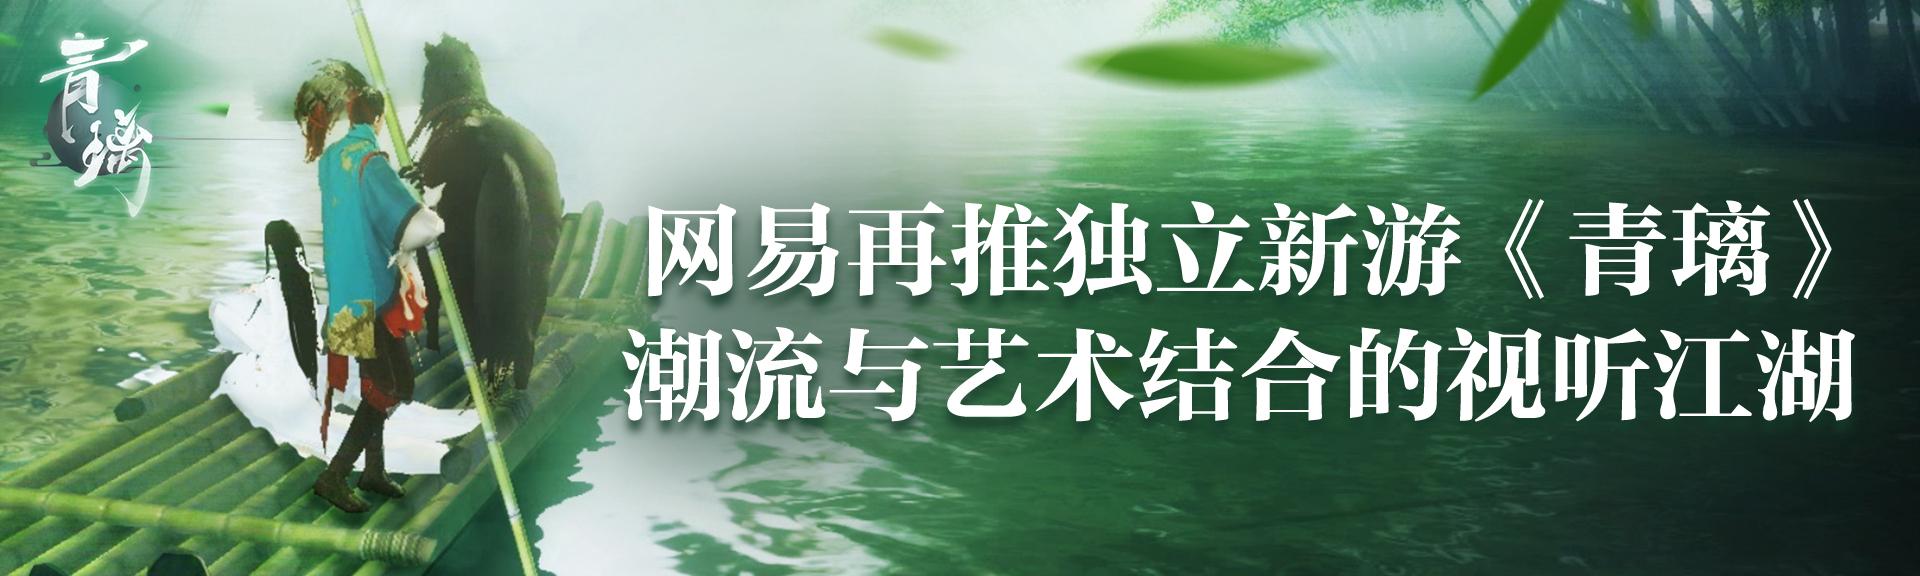 网易再推独立新游《青璃》 潮流与艺术结合的视听江湖